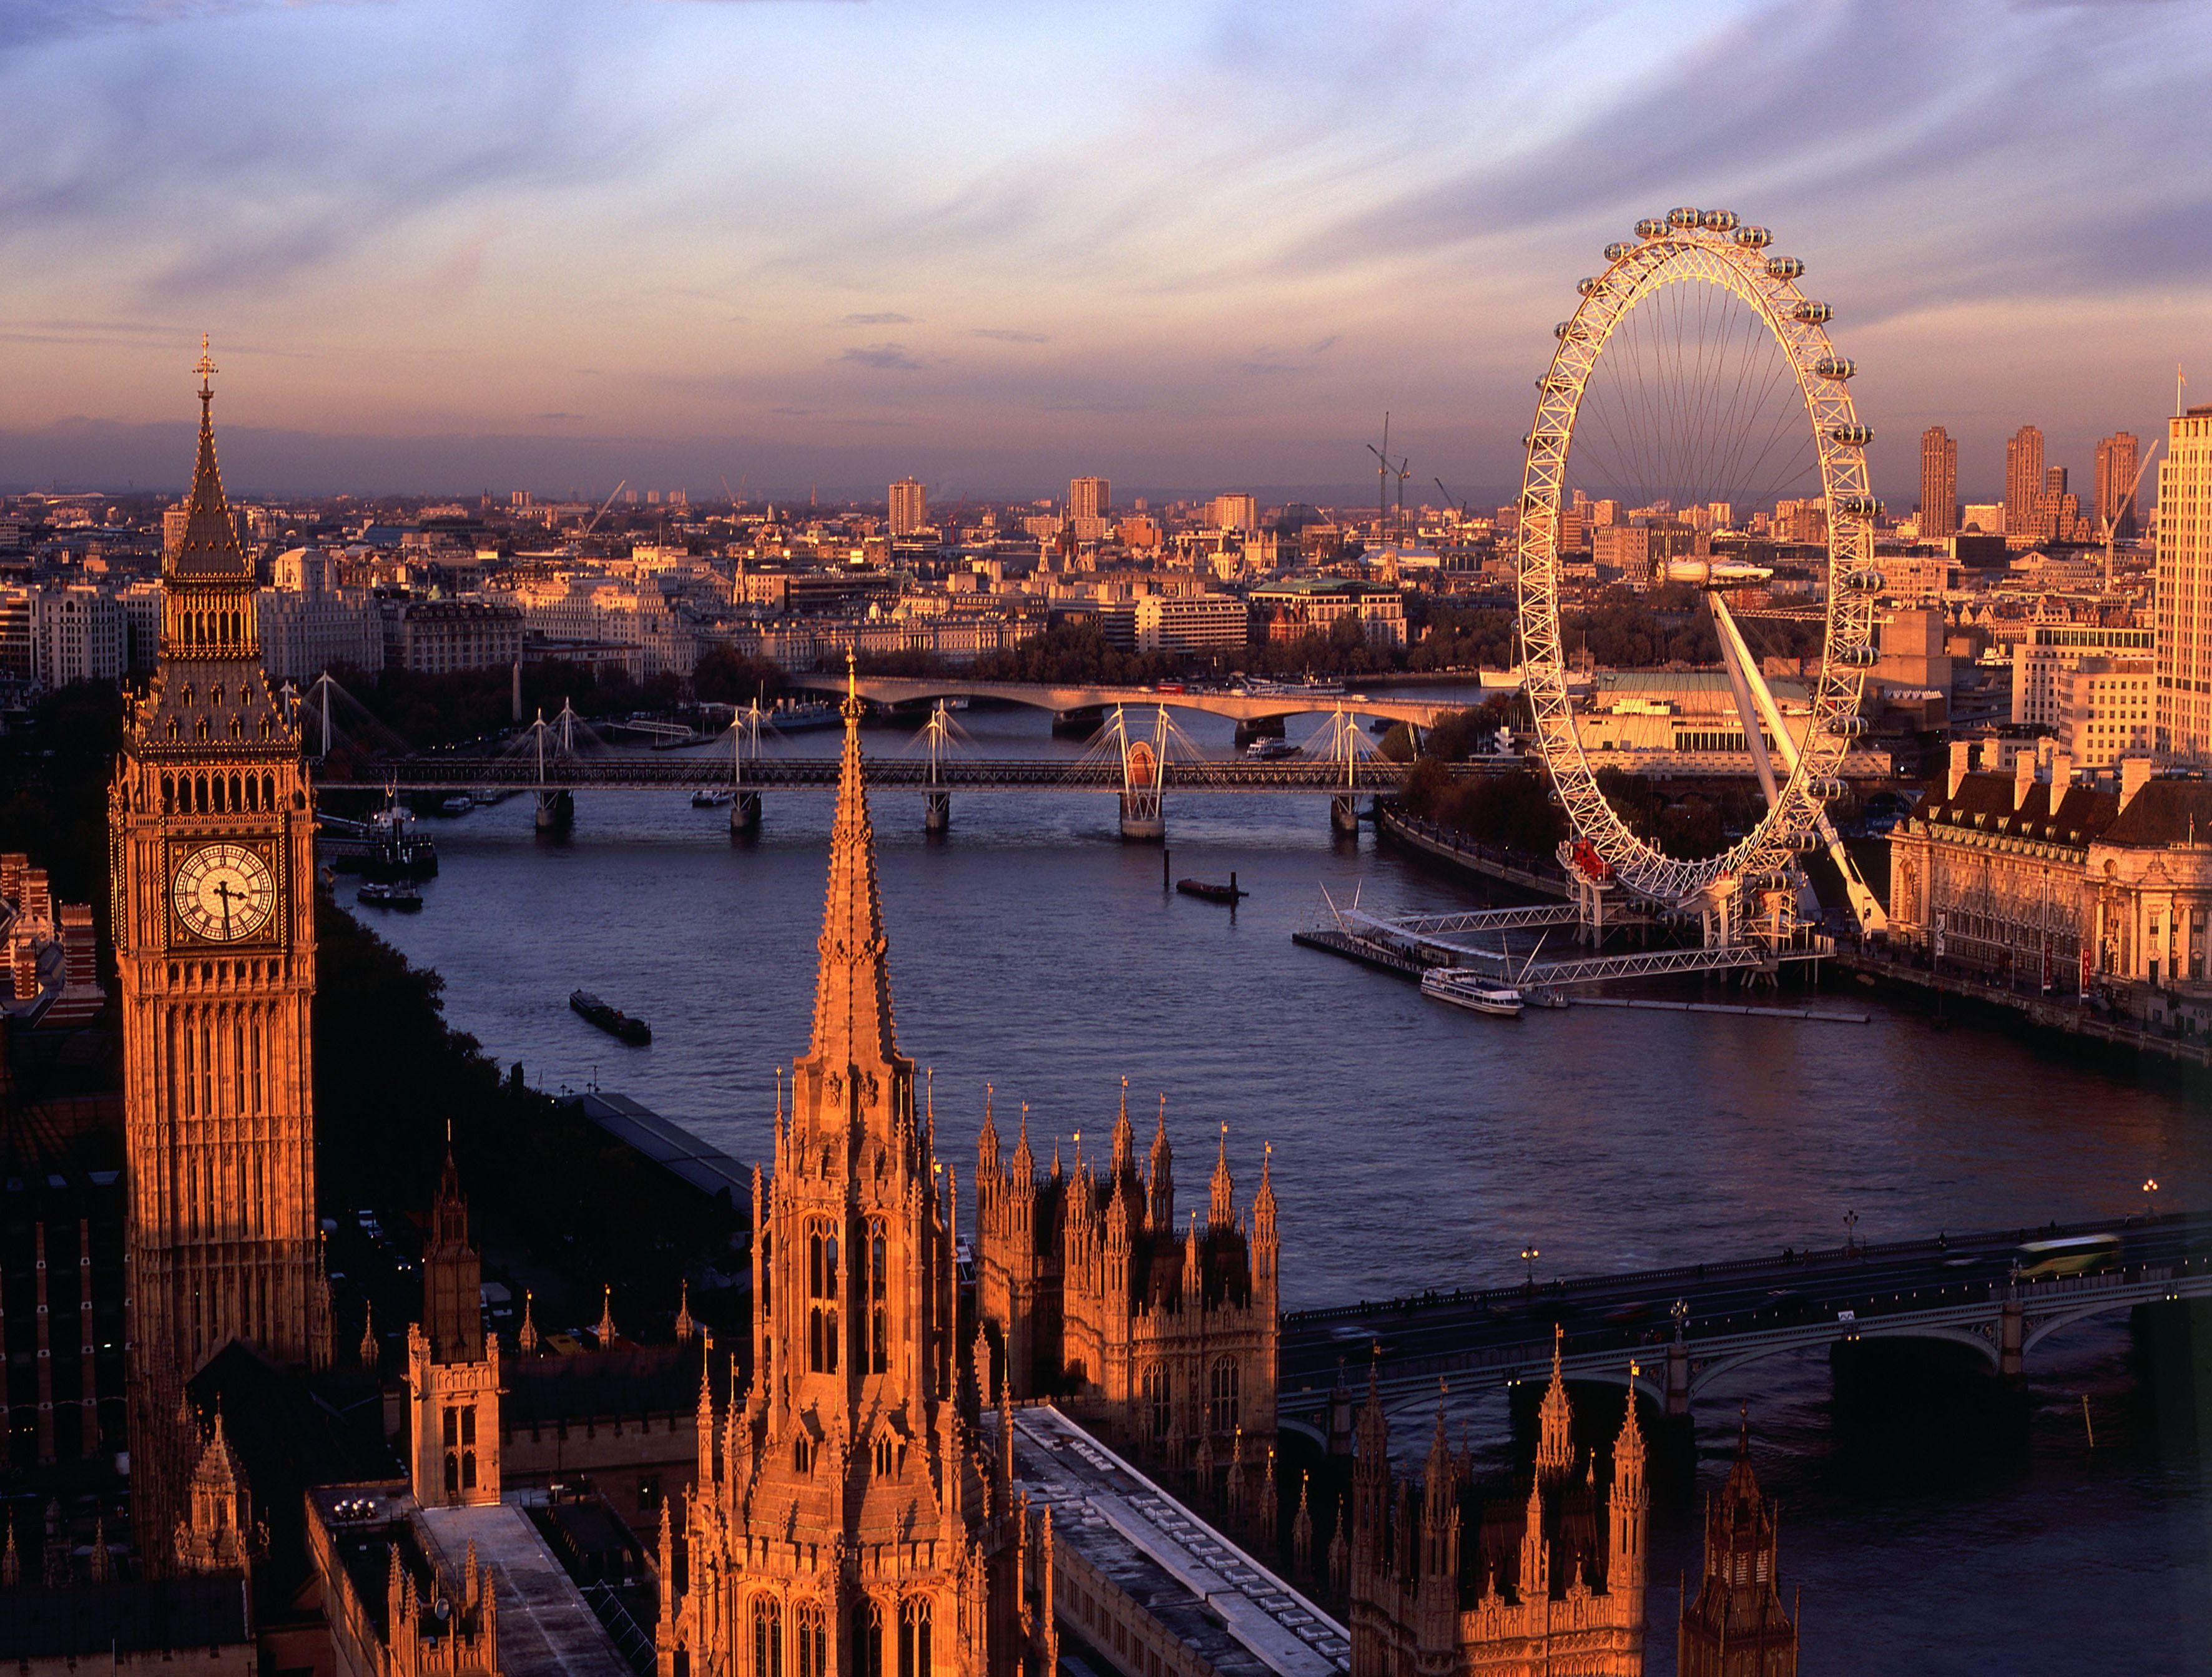 красивые фотографии лондона здесь